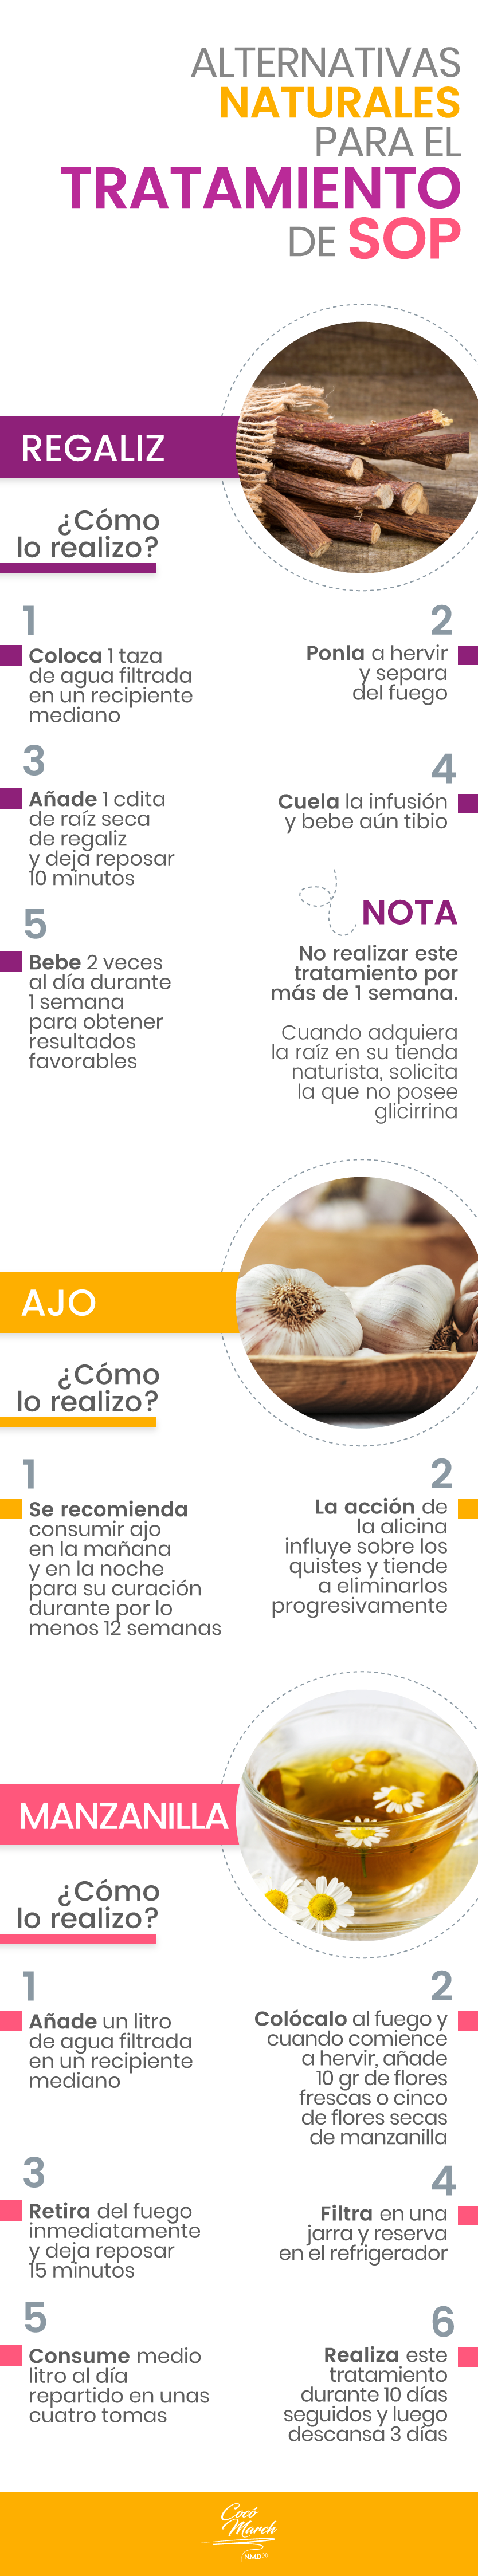 remedios-naturales-para-el-sop